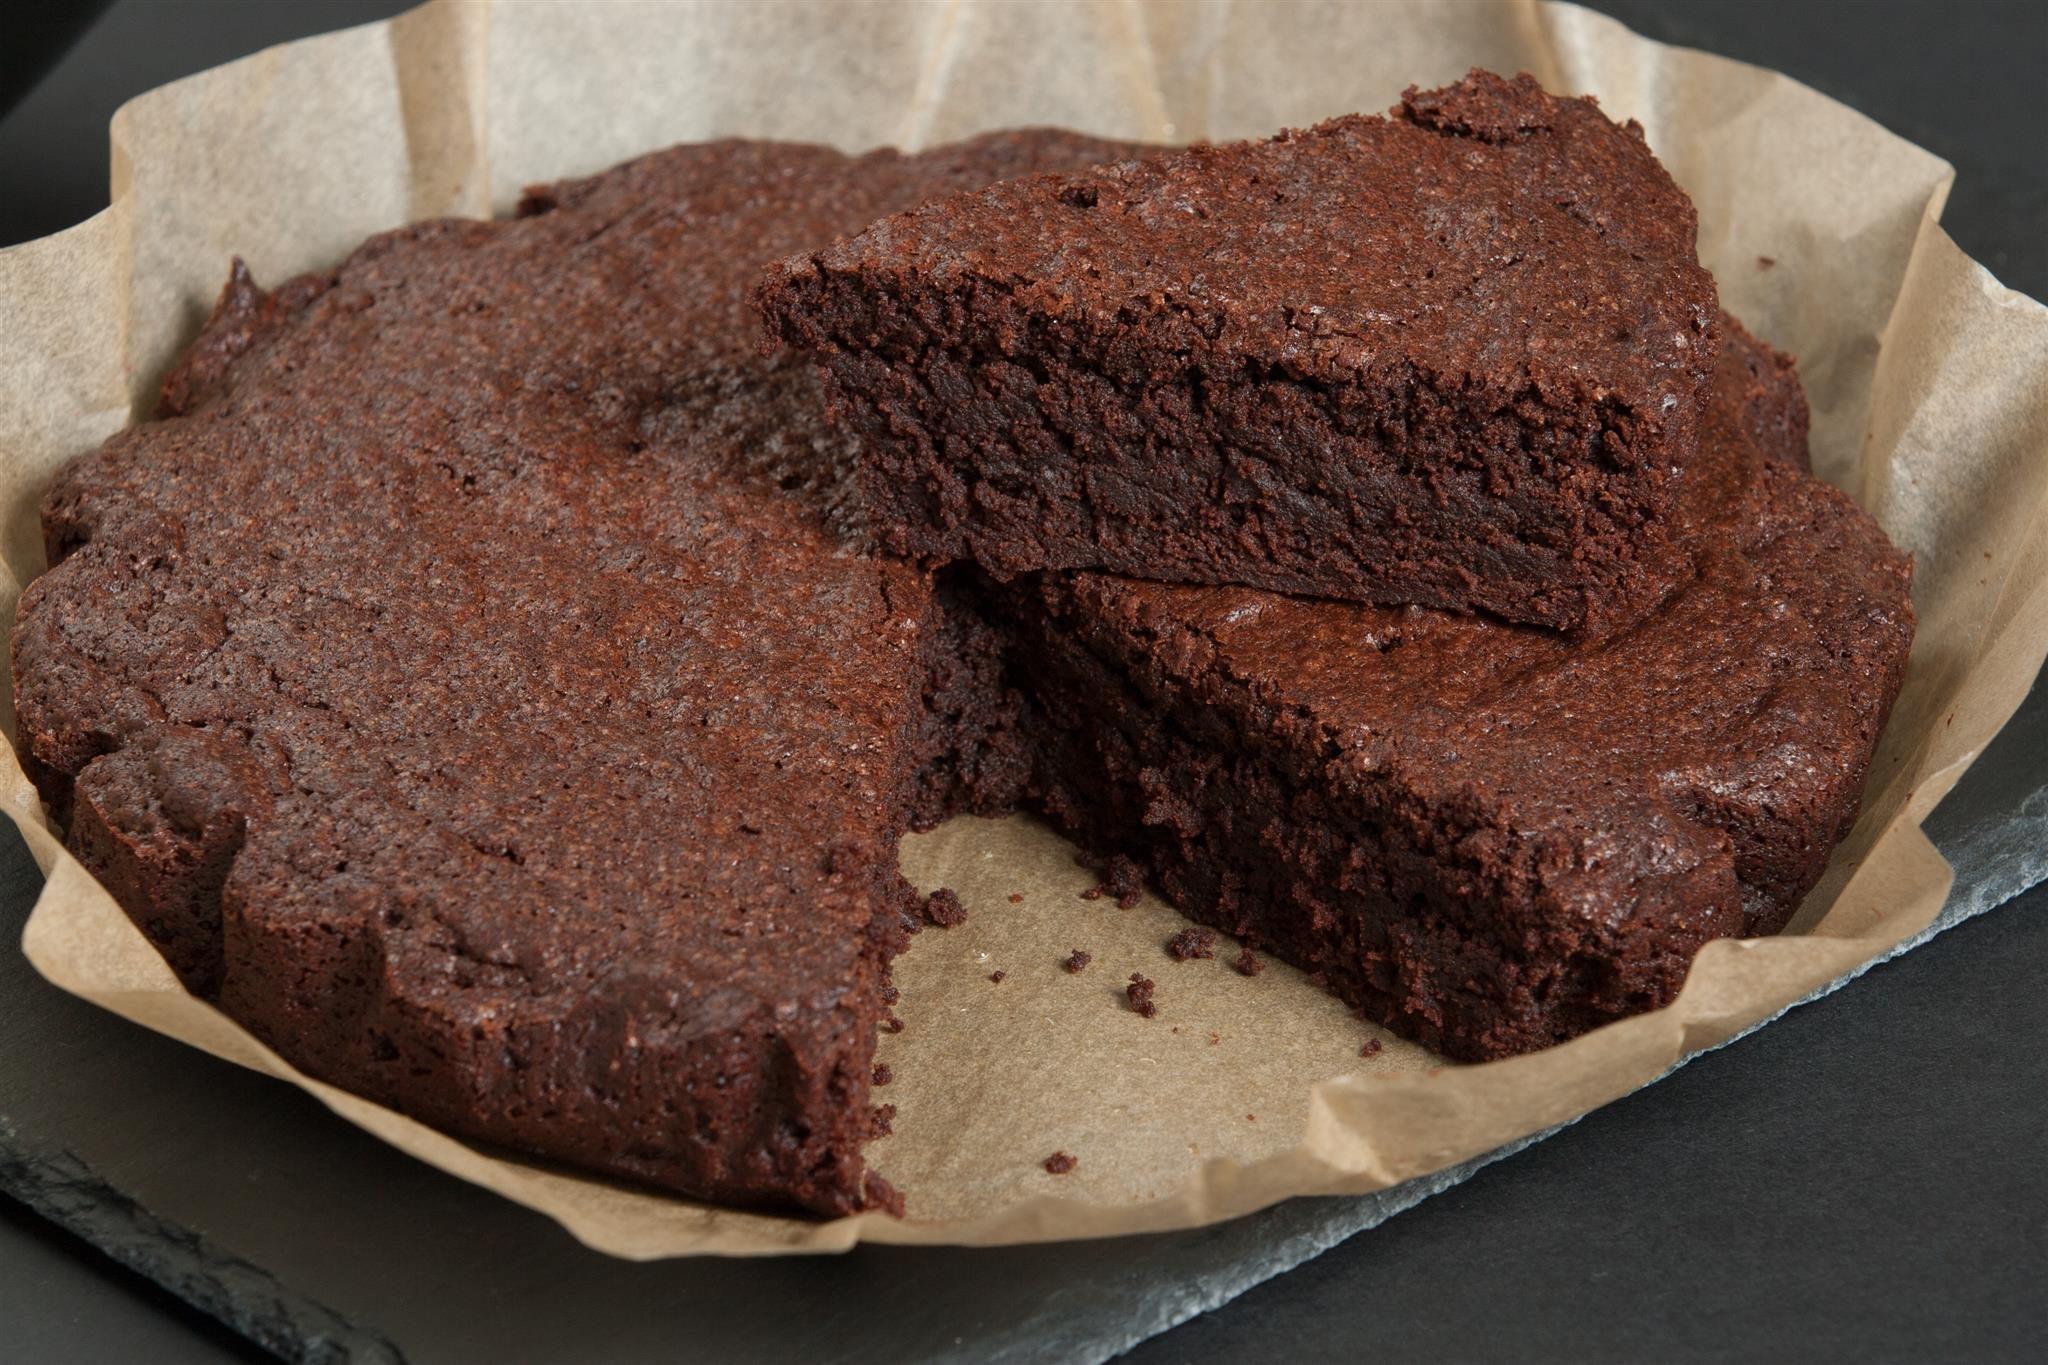 Torta magica alla nutella: la ricetta del dolce goloso e velocissimo da preparare